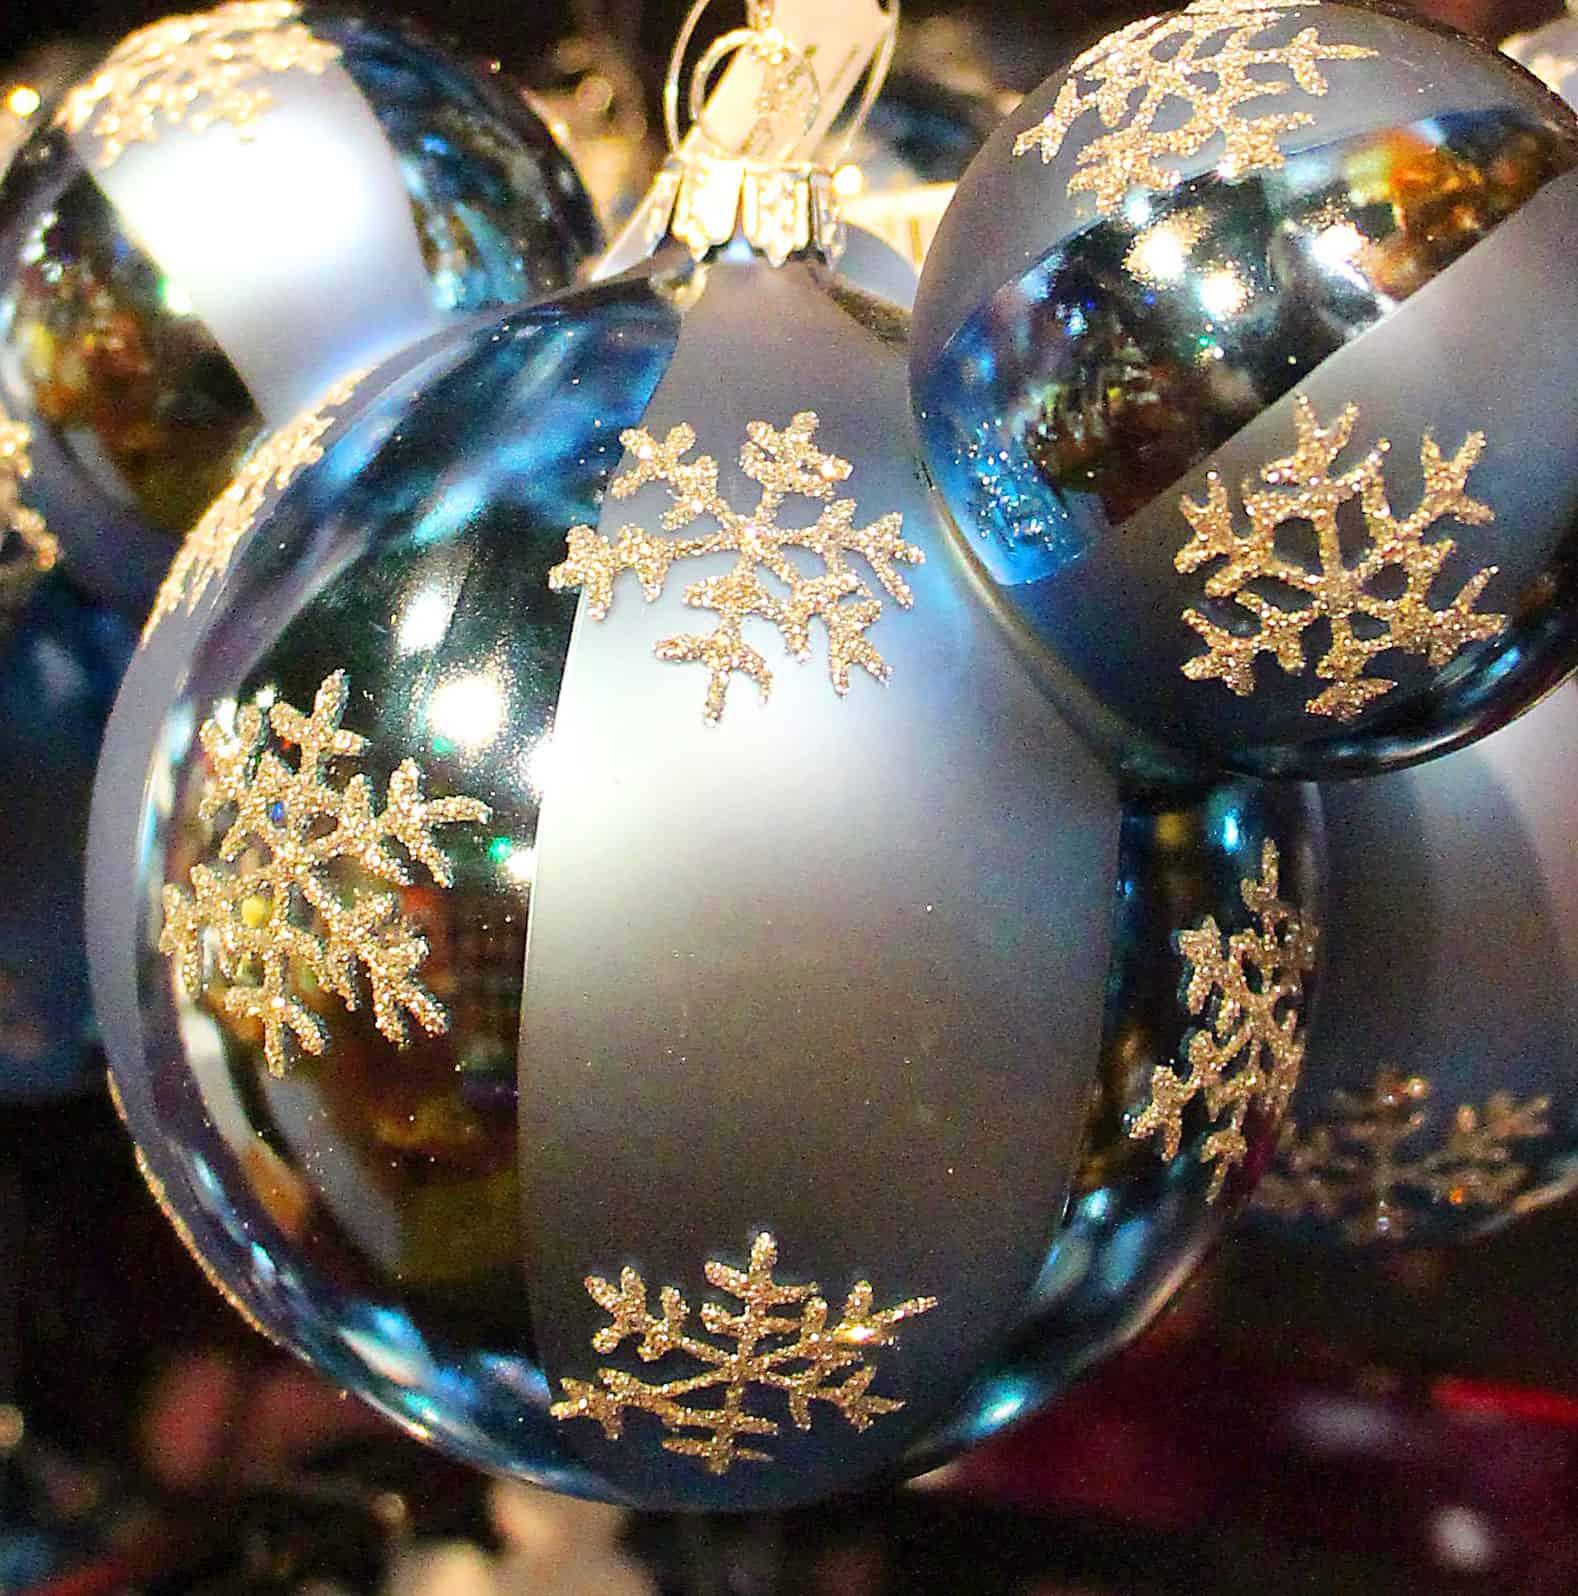 Christbaumkugeln 12 Cm Durchmesser.Welche Farben Und Grossen Von Weihnachtskugeln Gibt Es